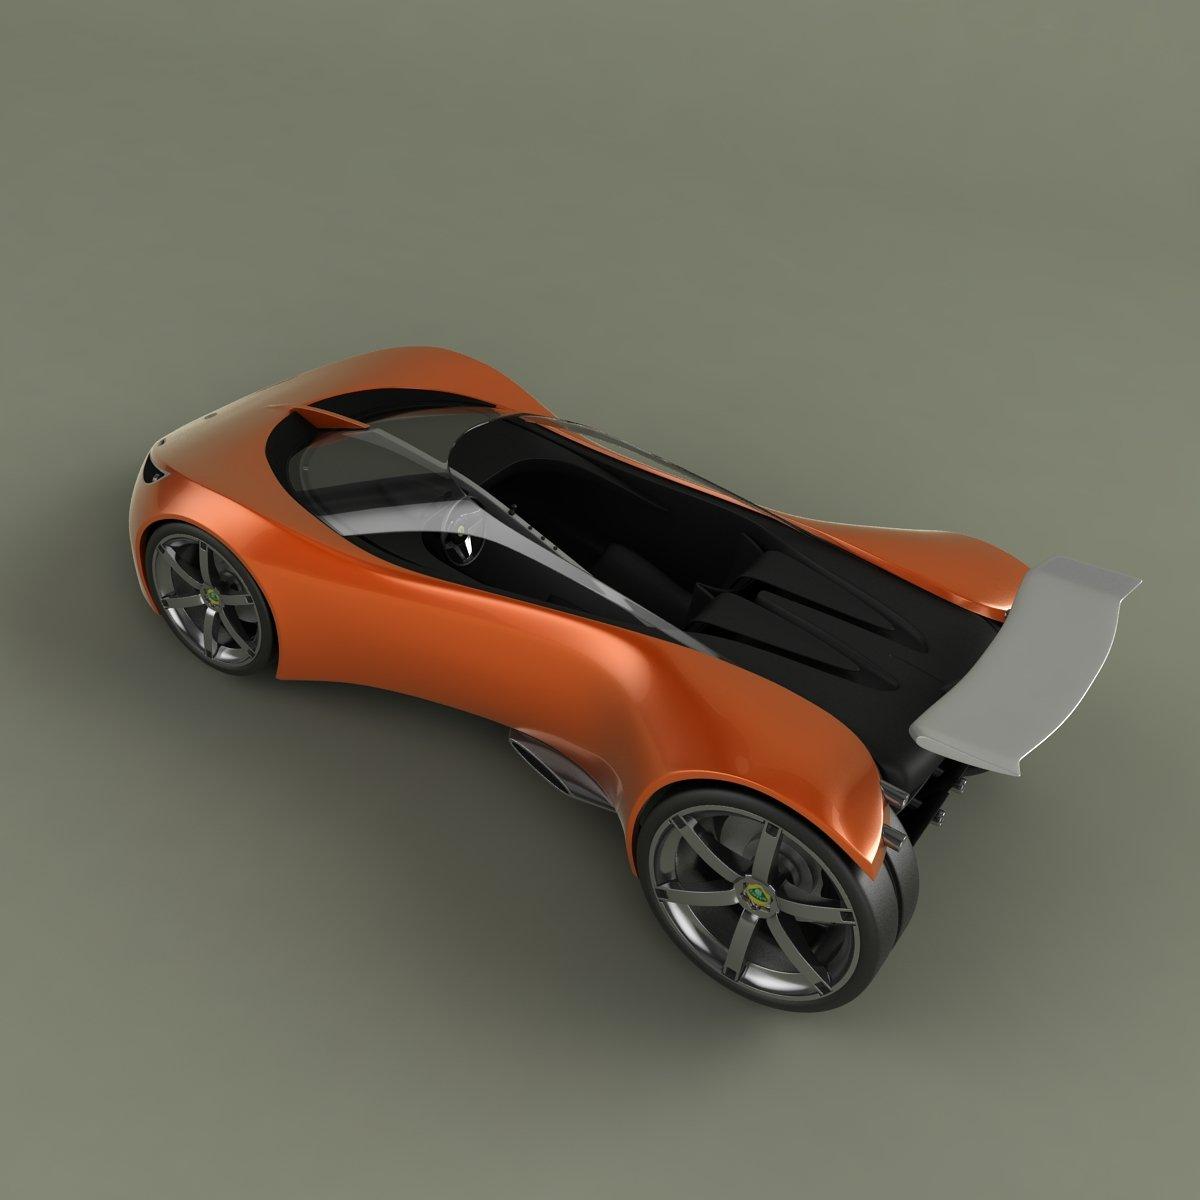 Lotus Hot Wheels Concept Downloadfree3d Com